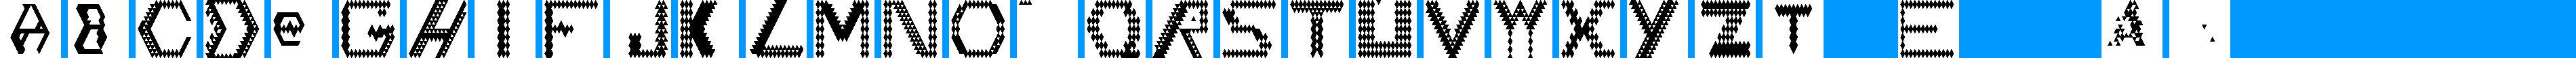 Particip-a-type v.188